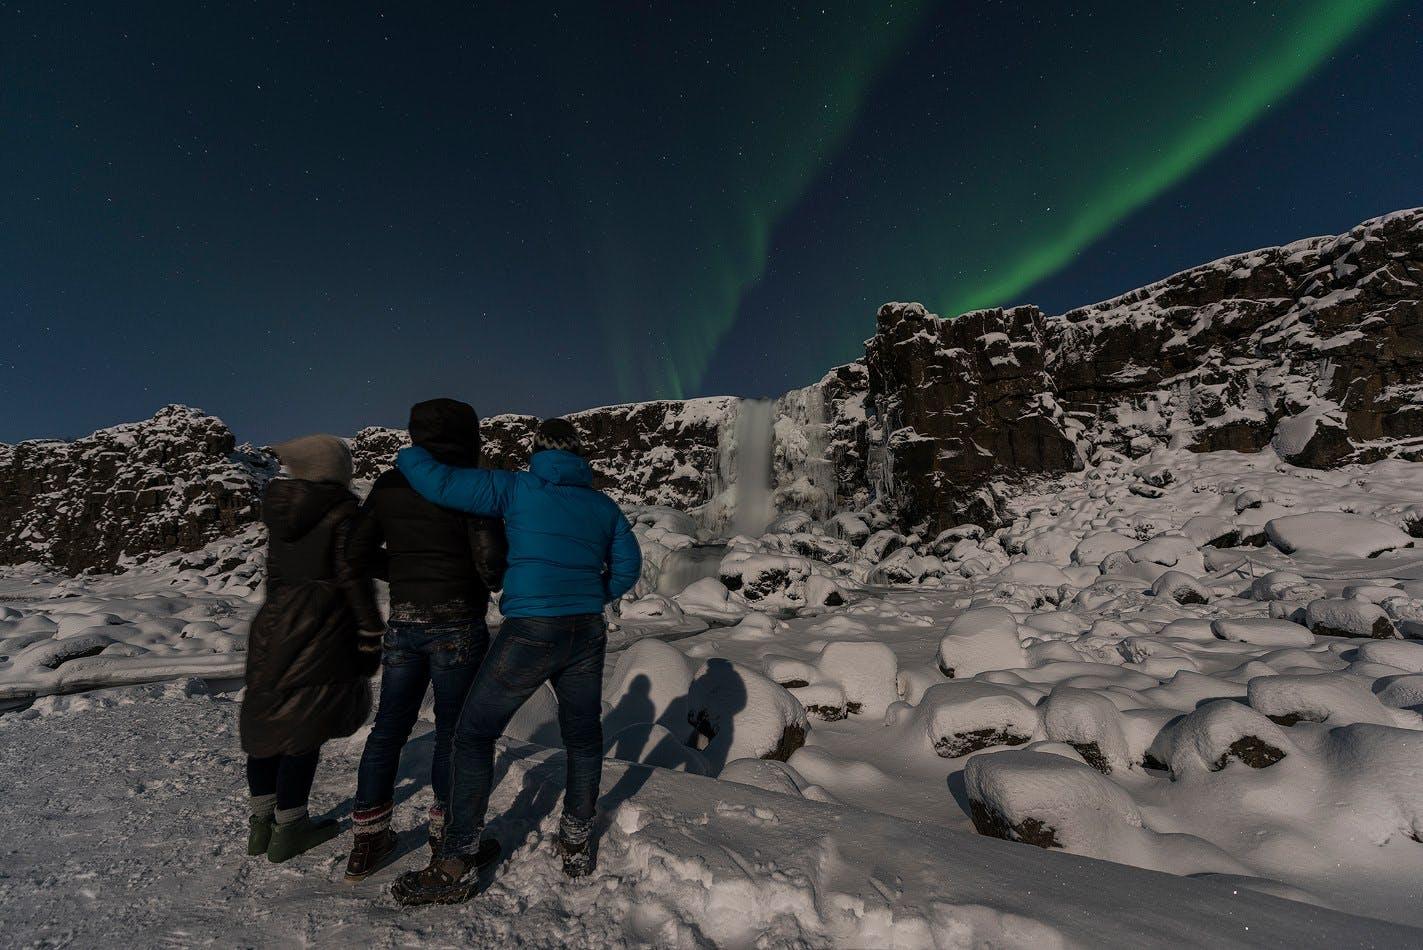 Eine Reisegruppe beobachtet im Thingvellir-Nationalpark fasziniert die Aurora Borealis.